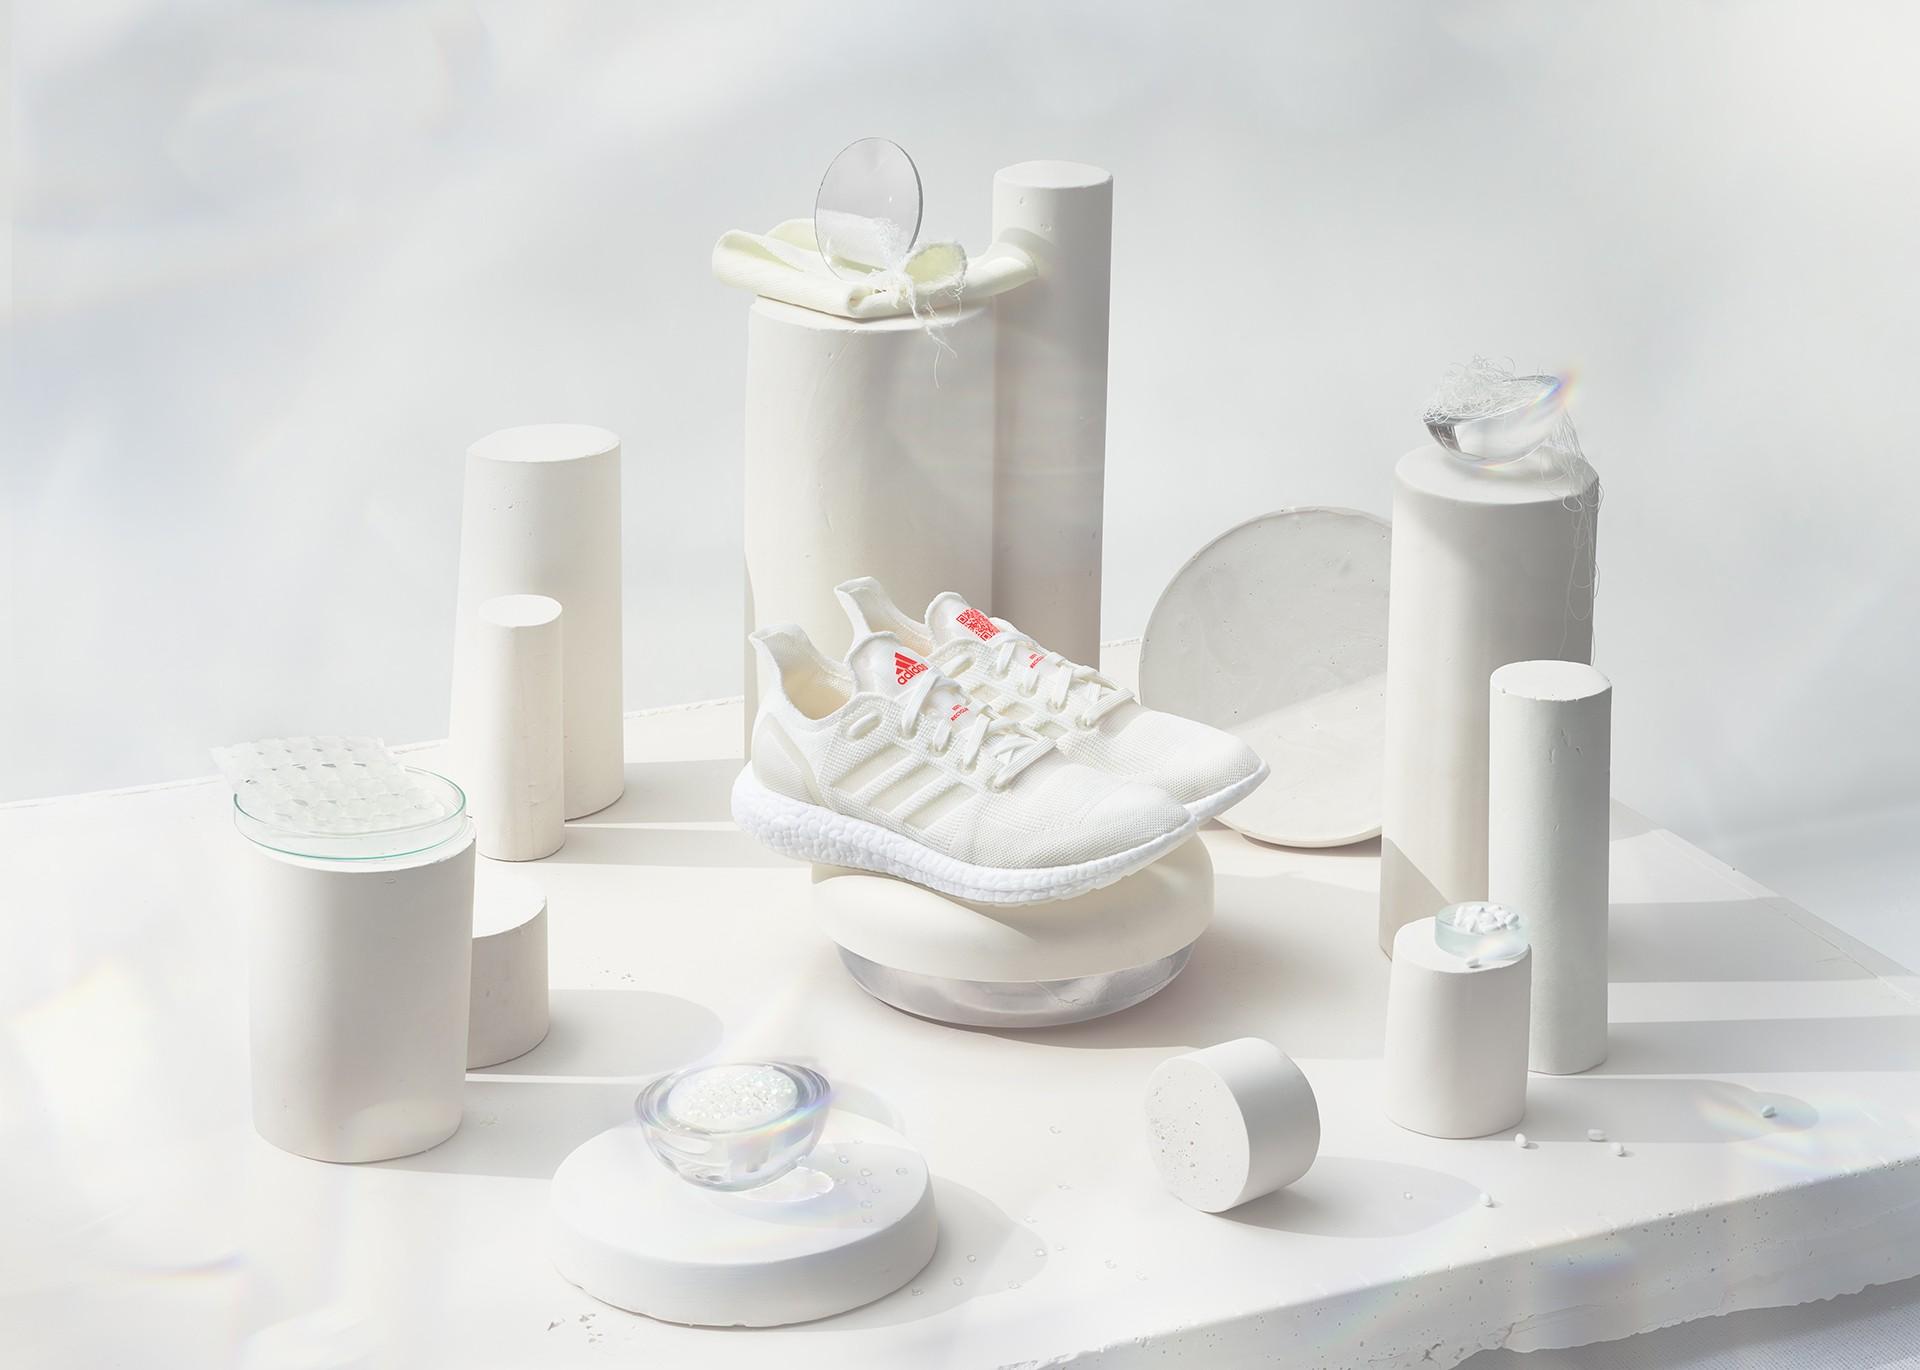 Adidas Futurecraft.Loop é 100% reciclável (Foto: Divulgação)